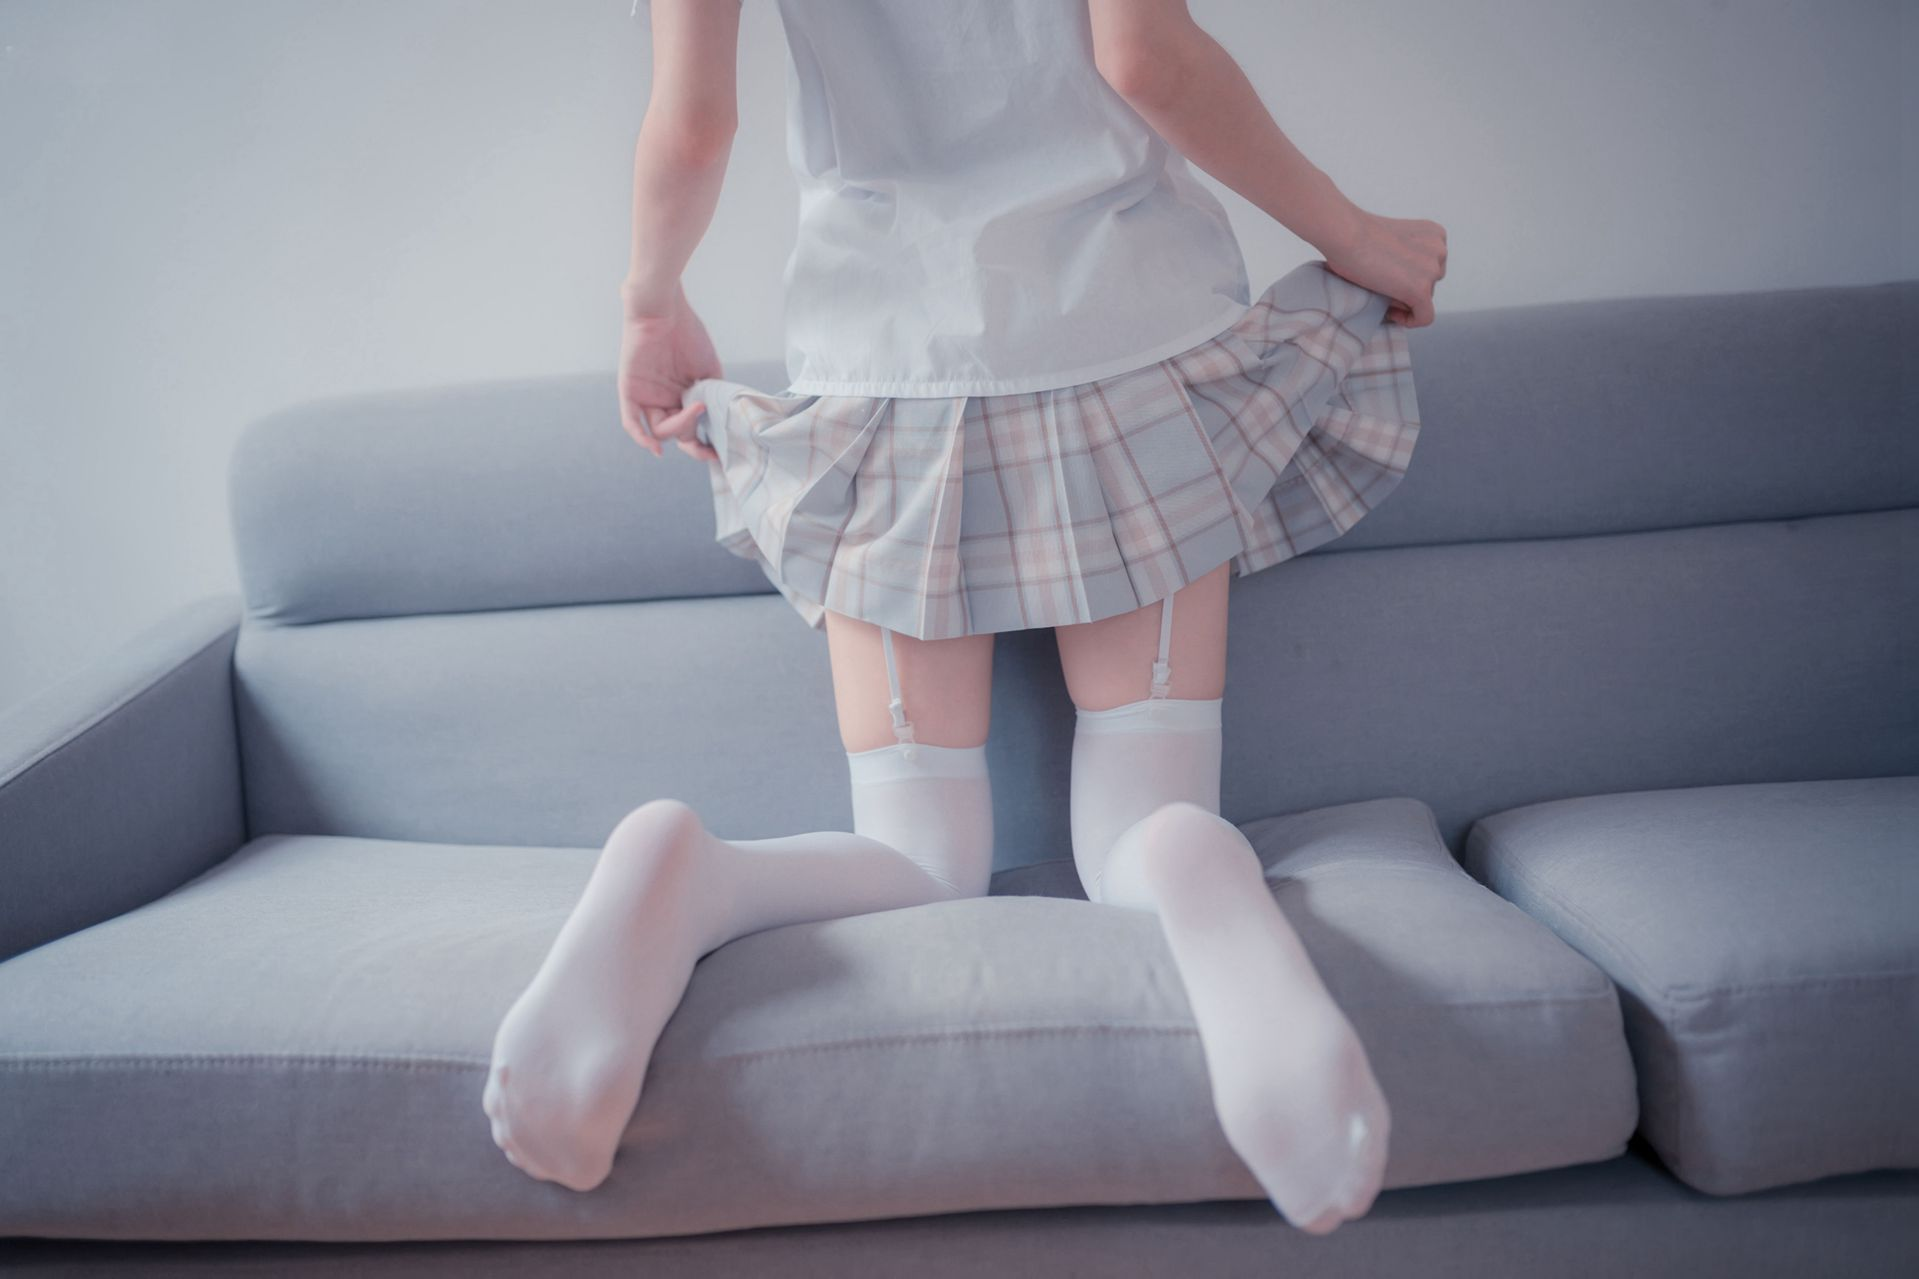 【风之领域】风之领域写真 NO.065 经典格子短裙吊带白丝 [46P-221MB] 风之领域 第3张